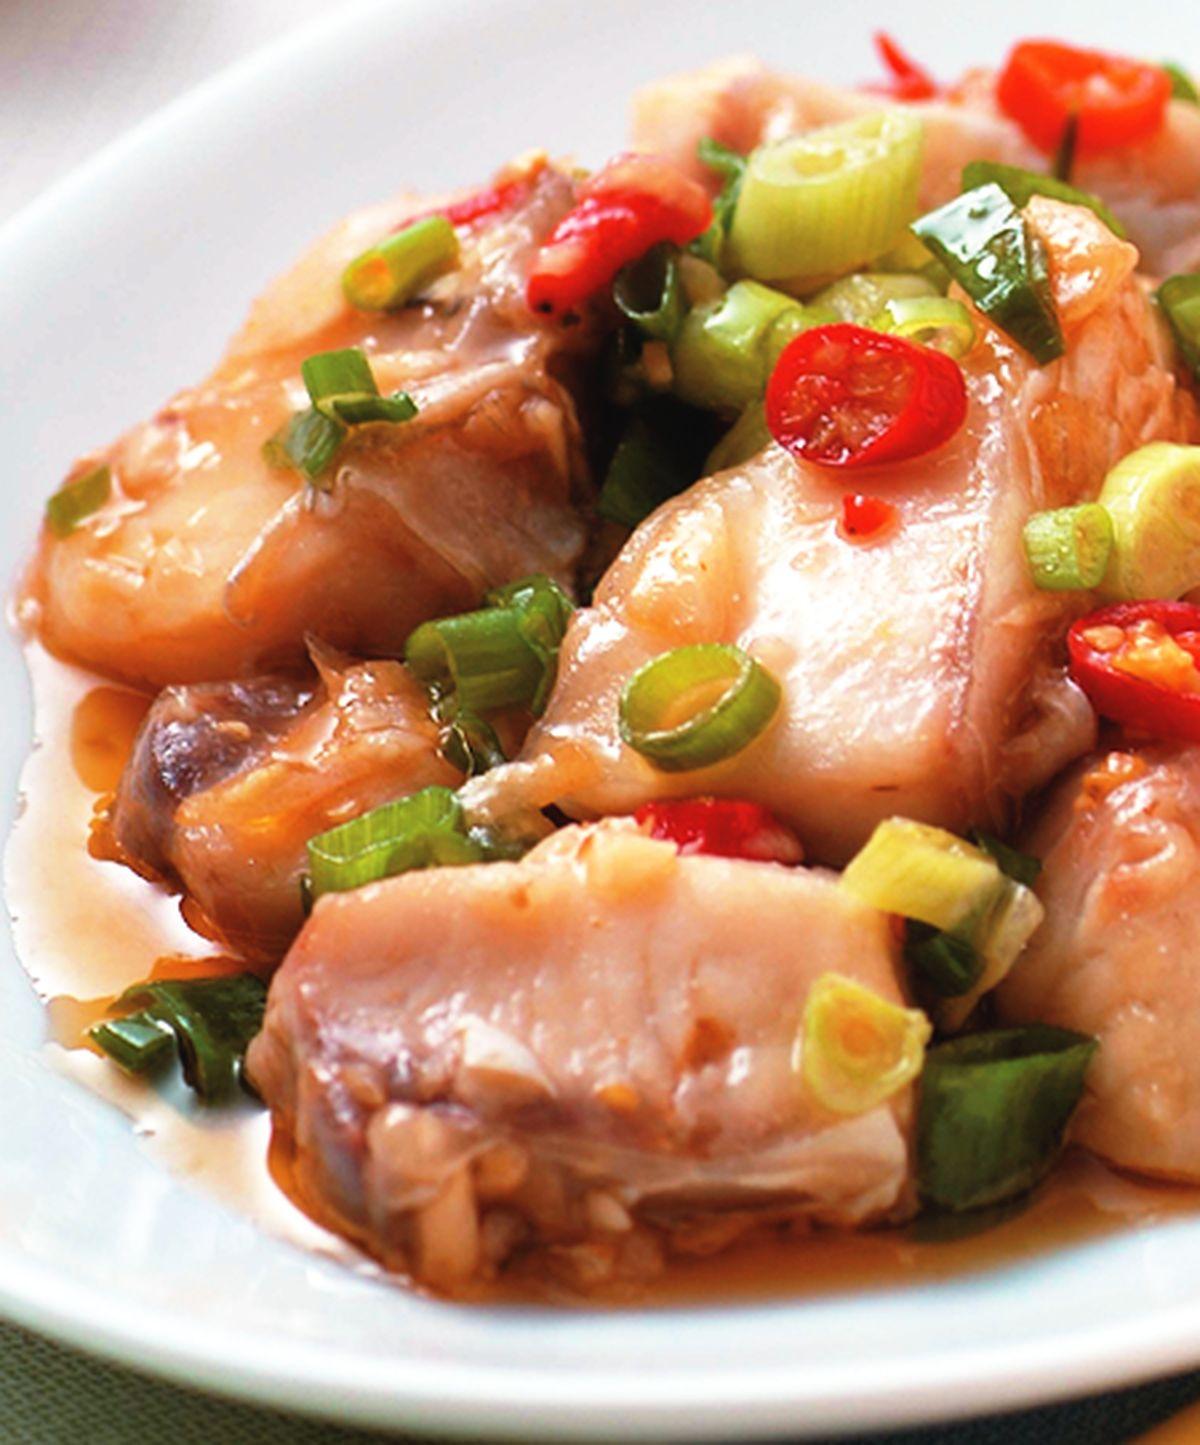 食譜:XO醬蒸魚腩